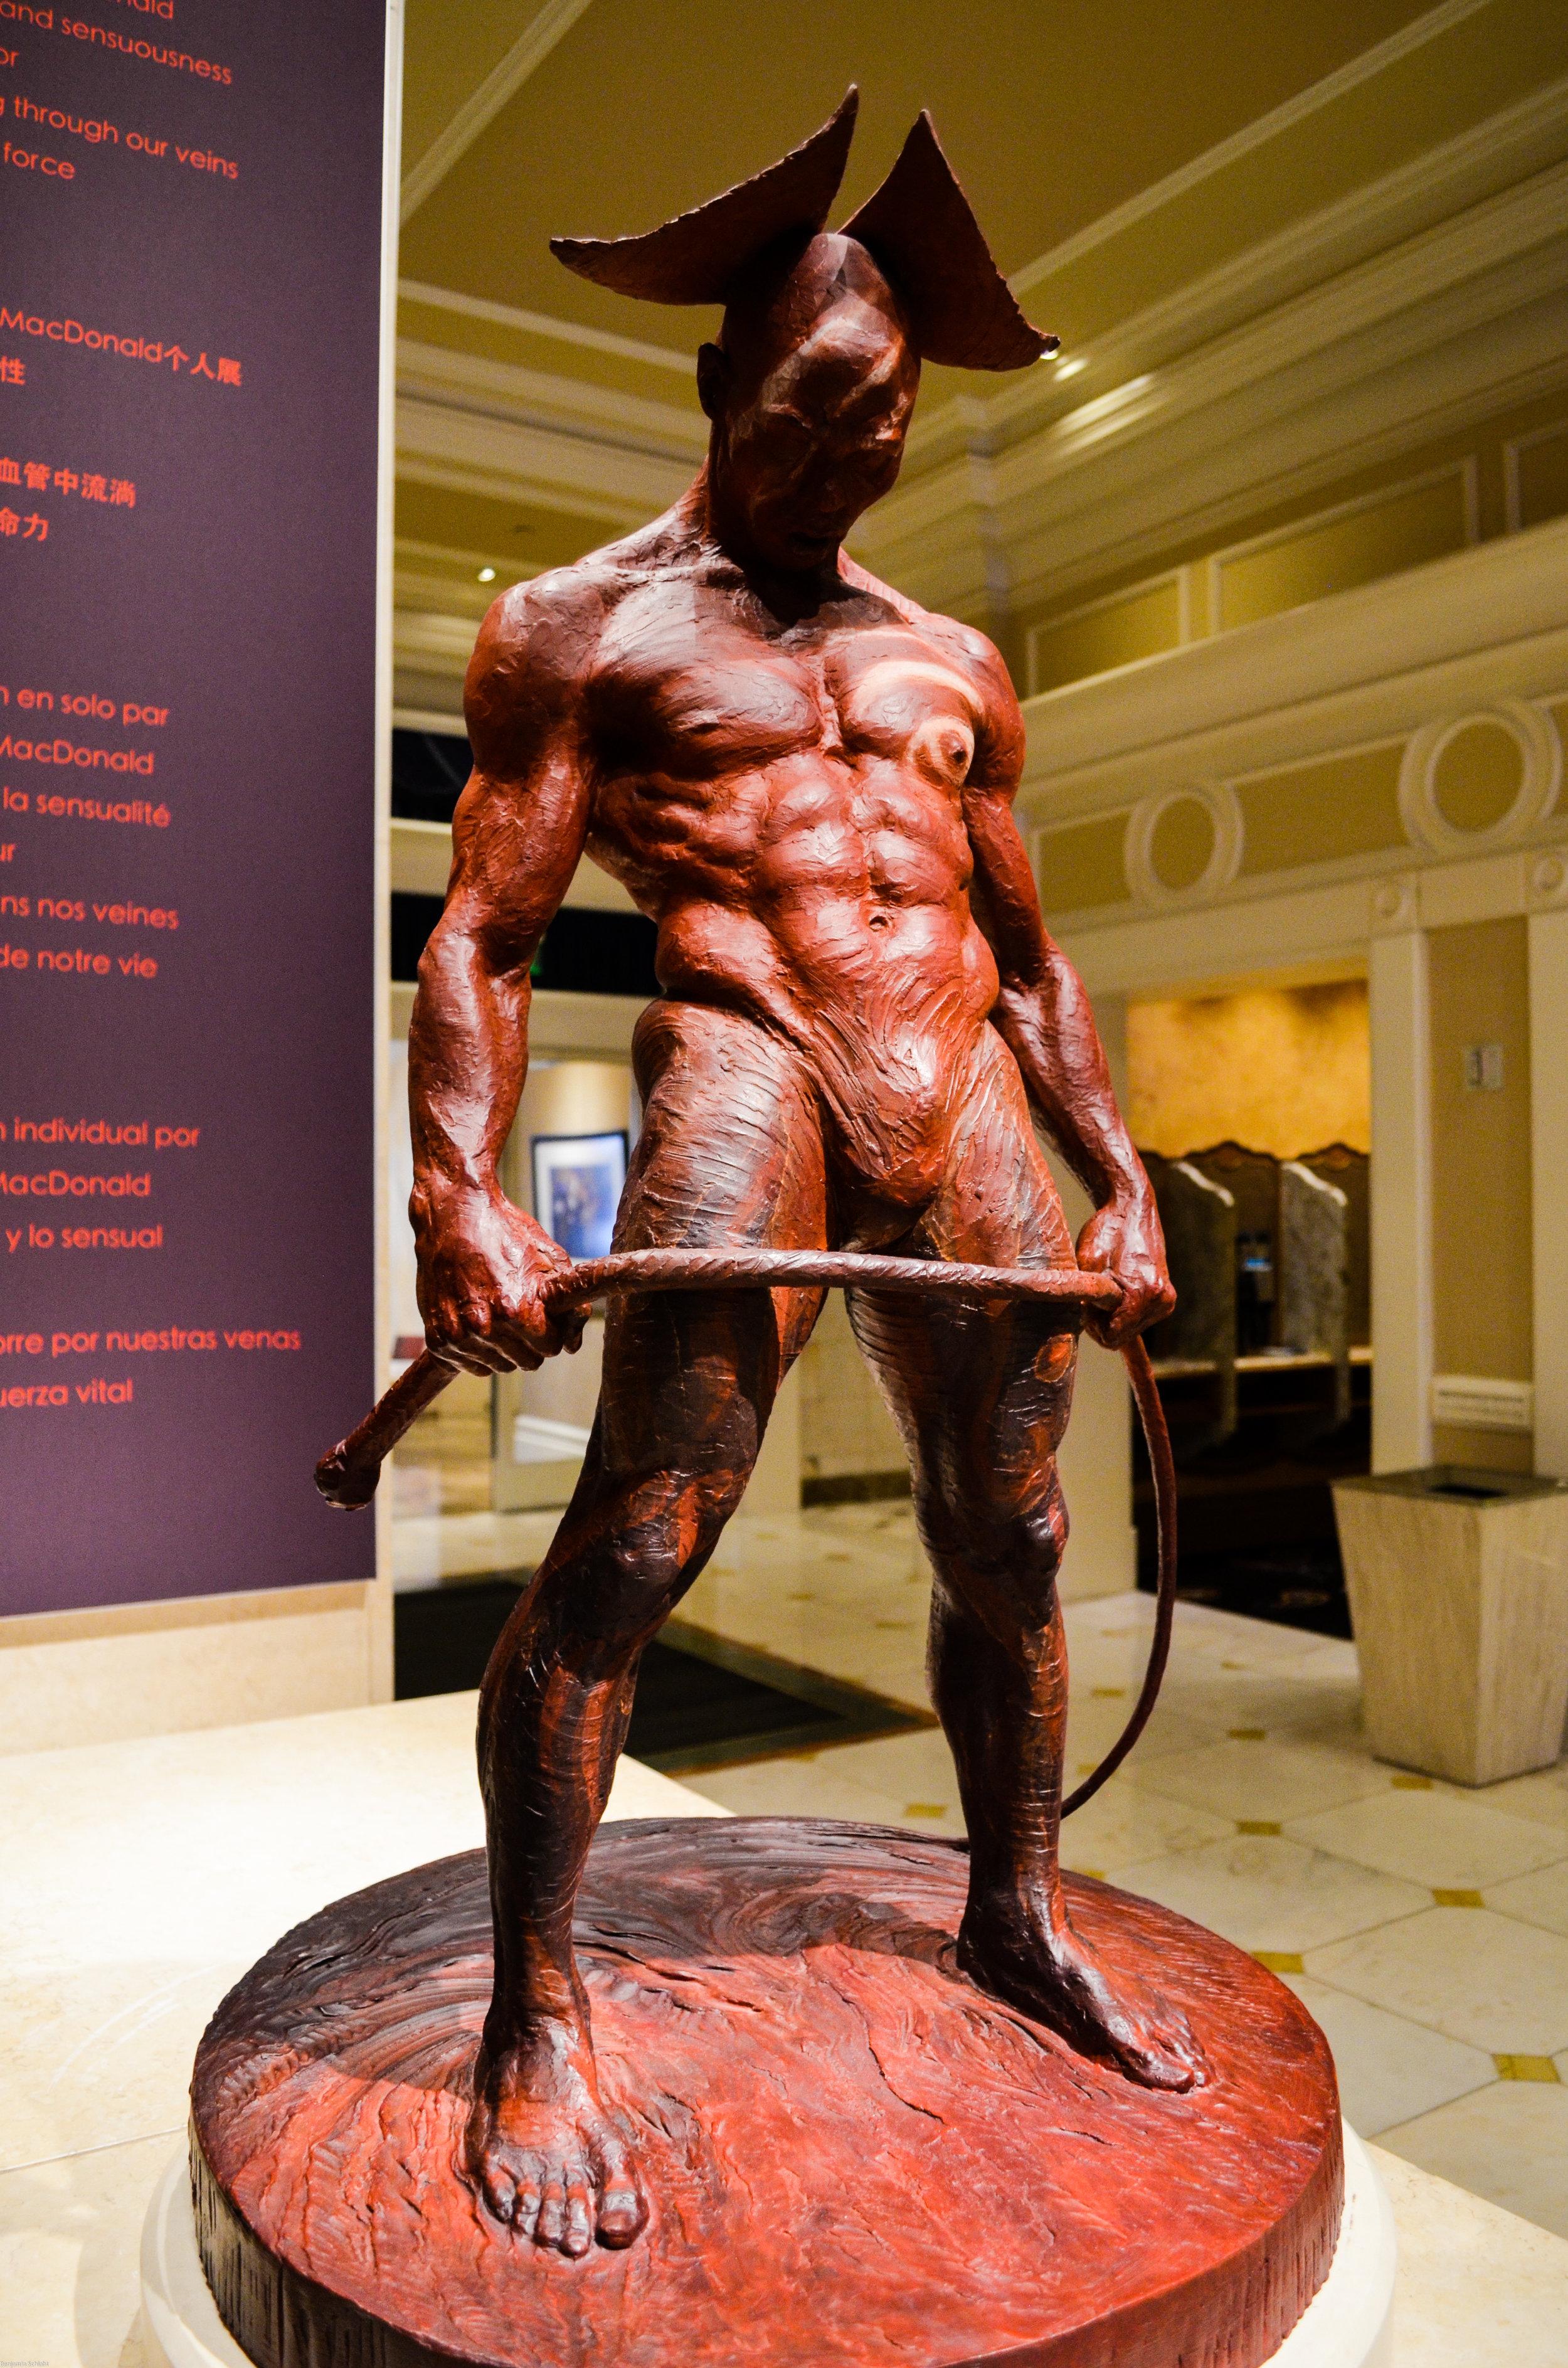 Richard MacDonald sculptures 3